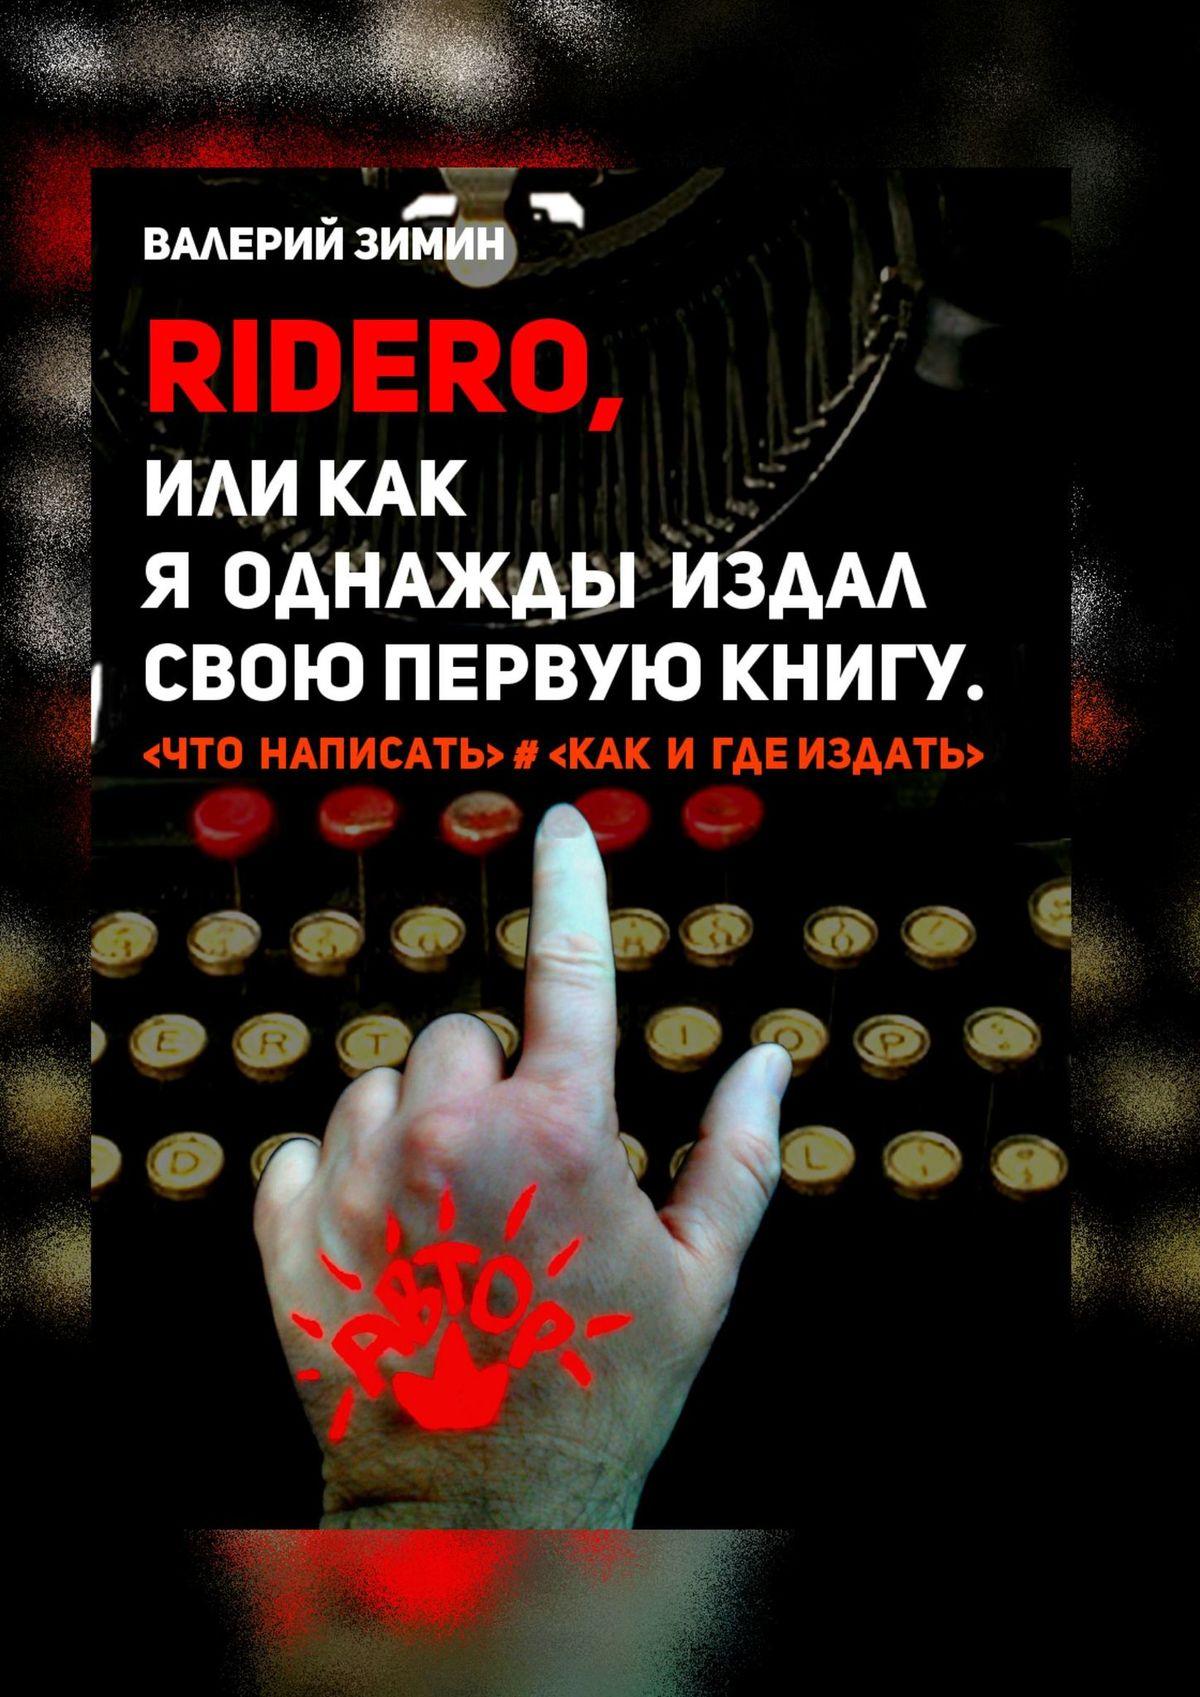 Валерий Зимин Ridero, или Как я однажды издал свою первую книгу.  # валерий зимин ridero или как я однажды издал свою первую книгу